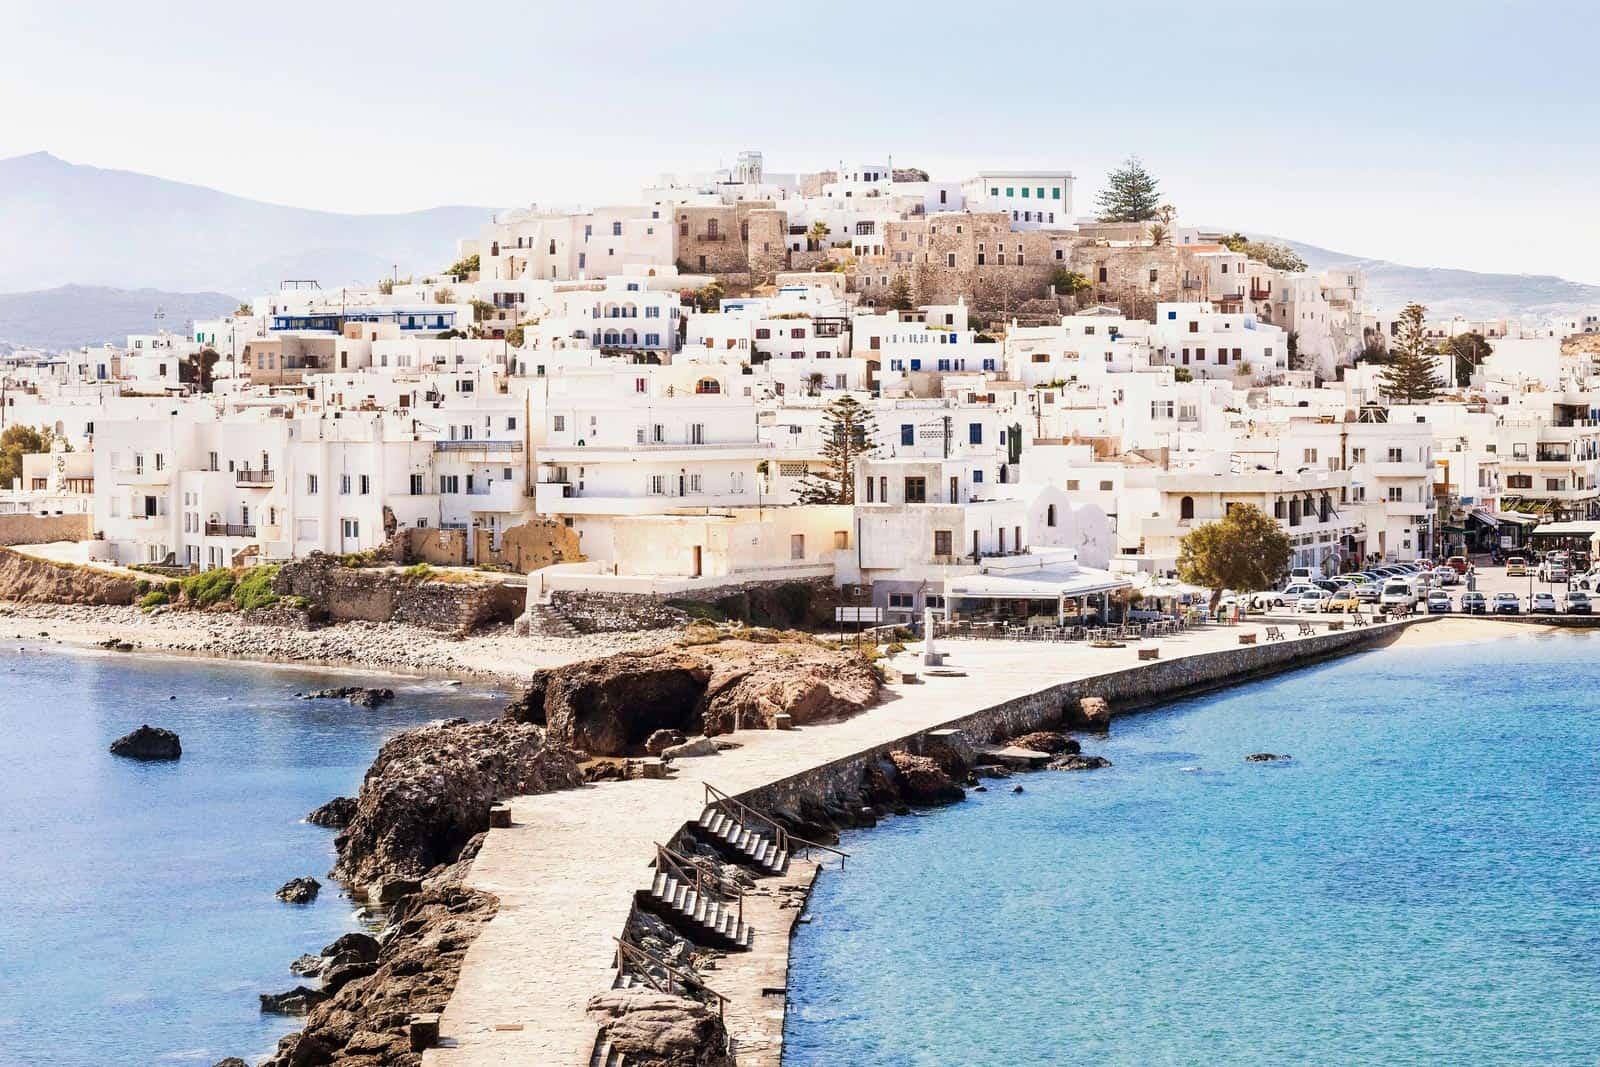 Naxos citta vecchia 2